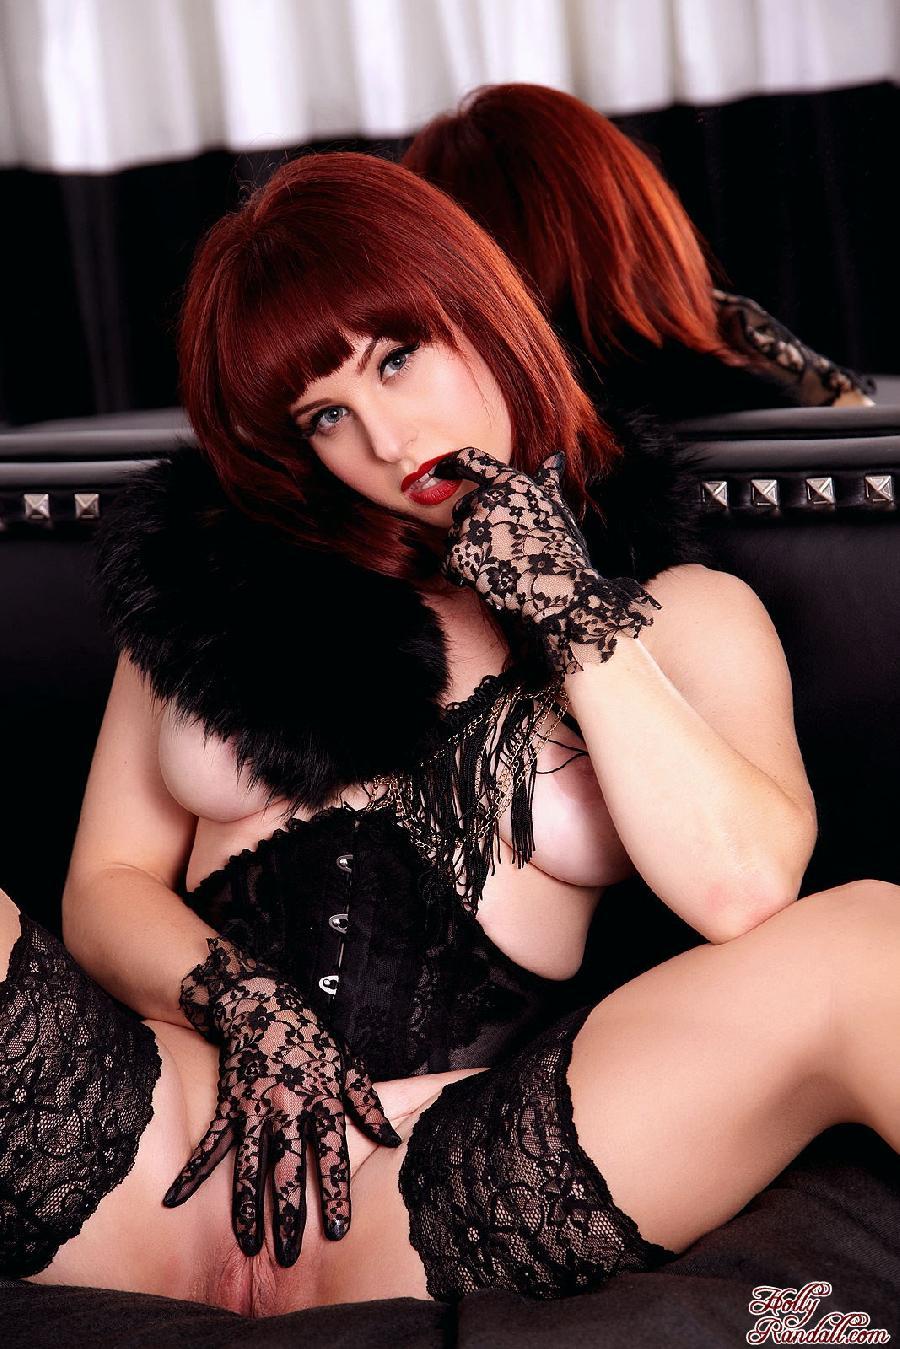 Садо мазо порно госпожа и рабыня 28 фотография